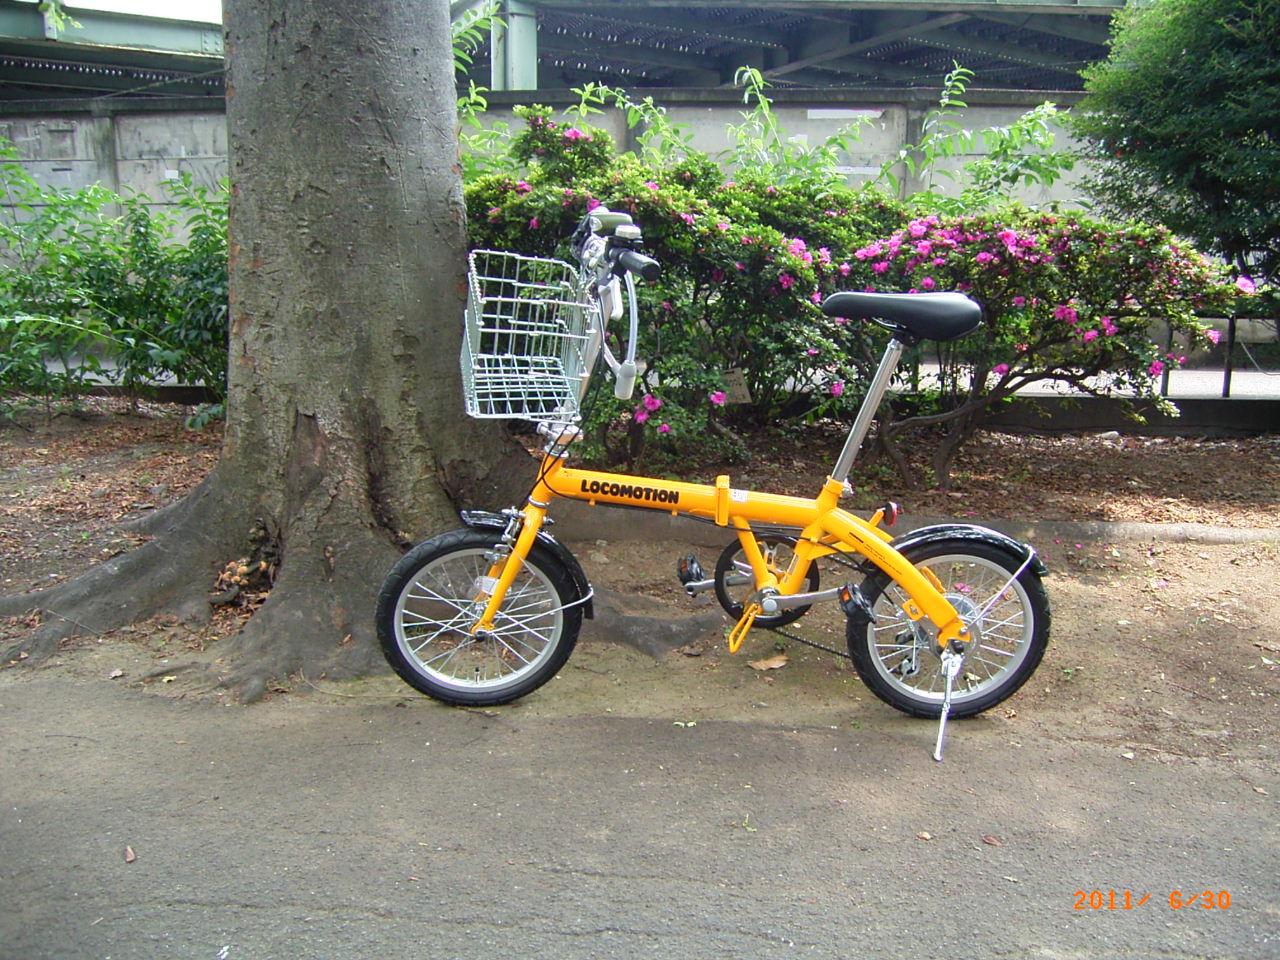 ... 未来へ: 輪行 - 折り畳み自転車